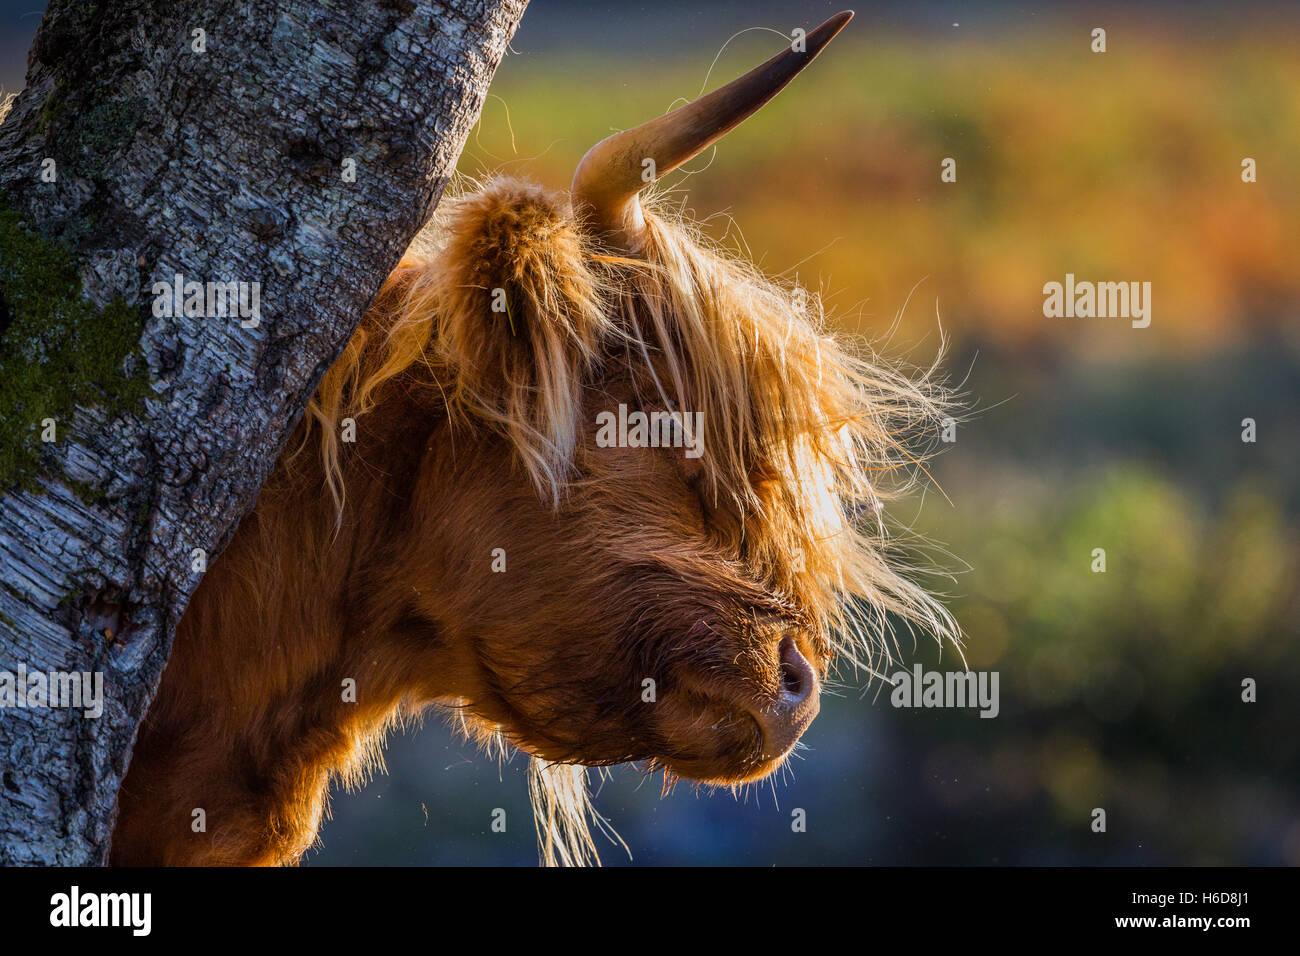 Retroilluminato mucca Highland graffi su un albero in luce del sole di mattina. Immagini Stock